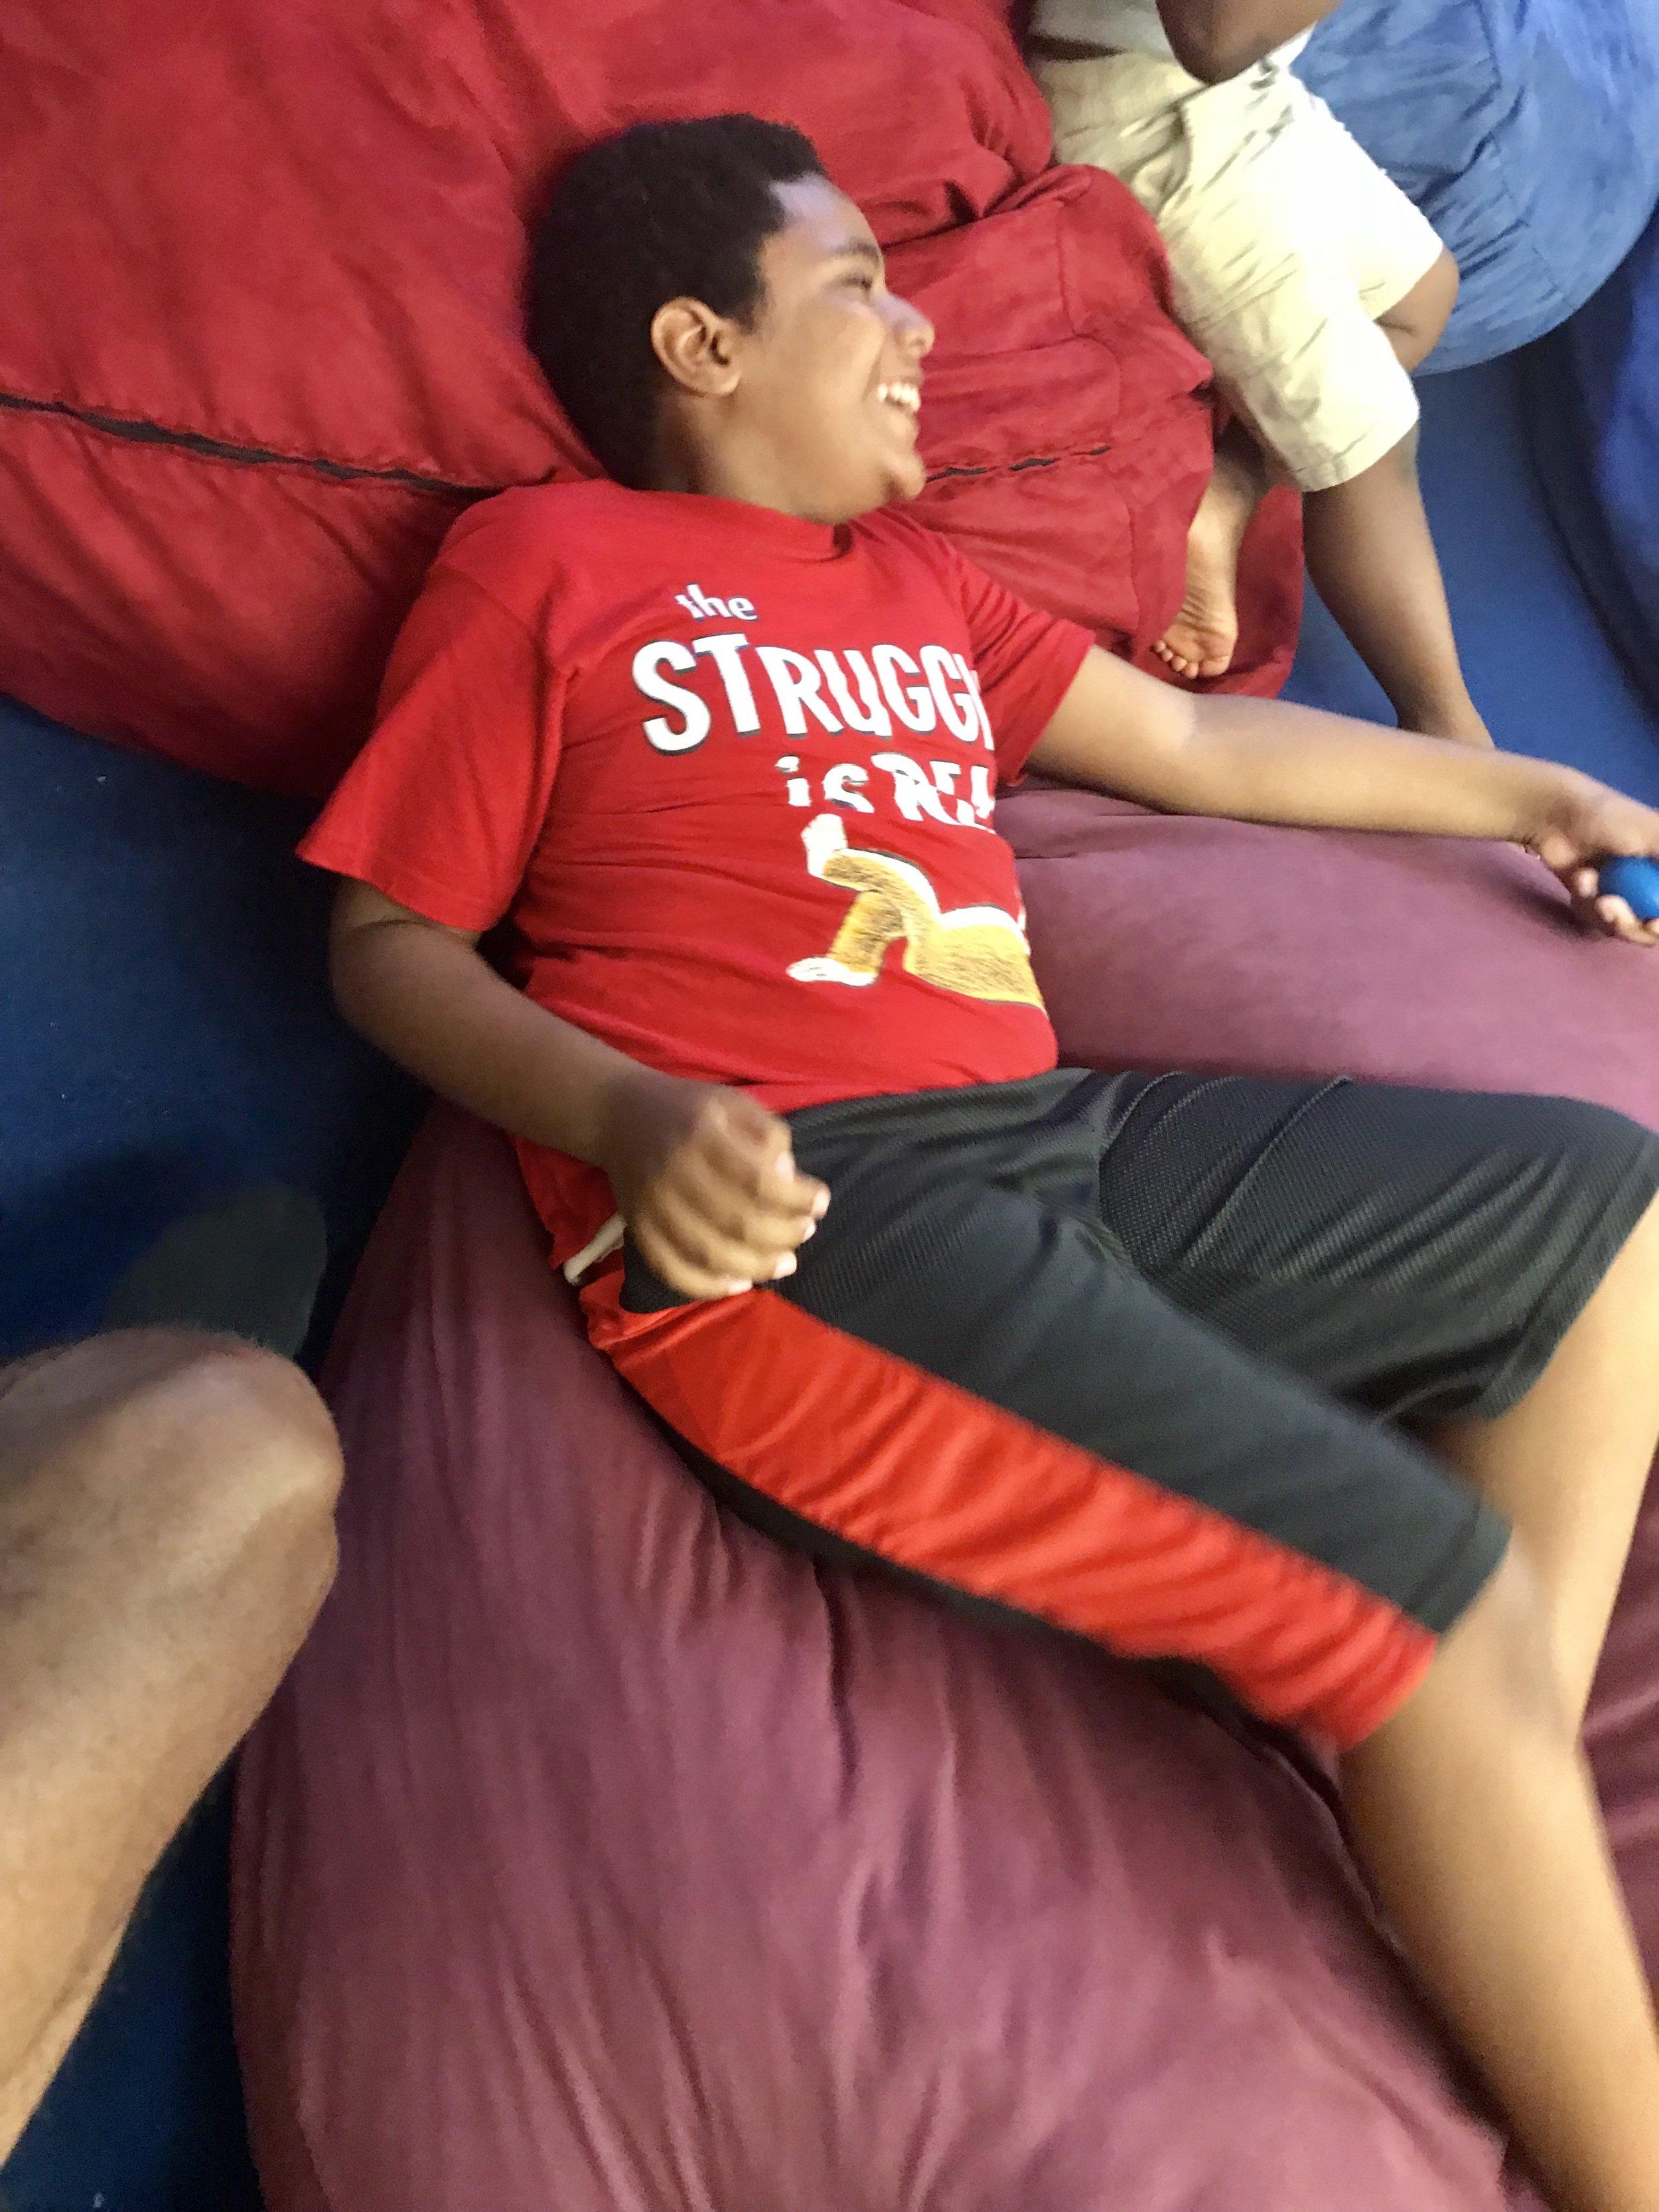 Day at summer camp.